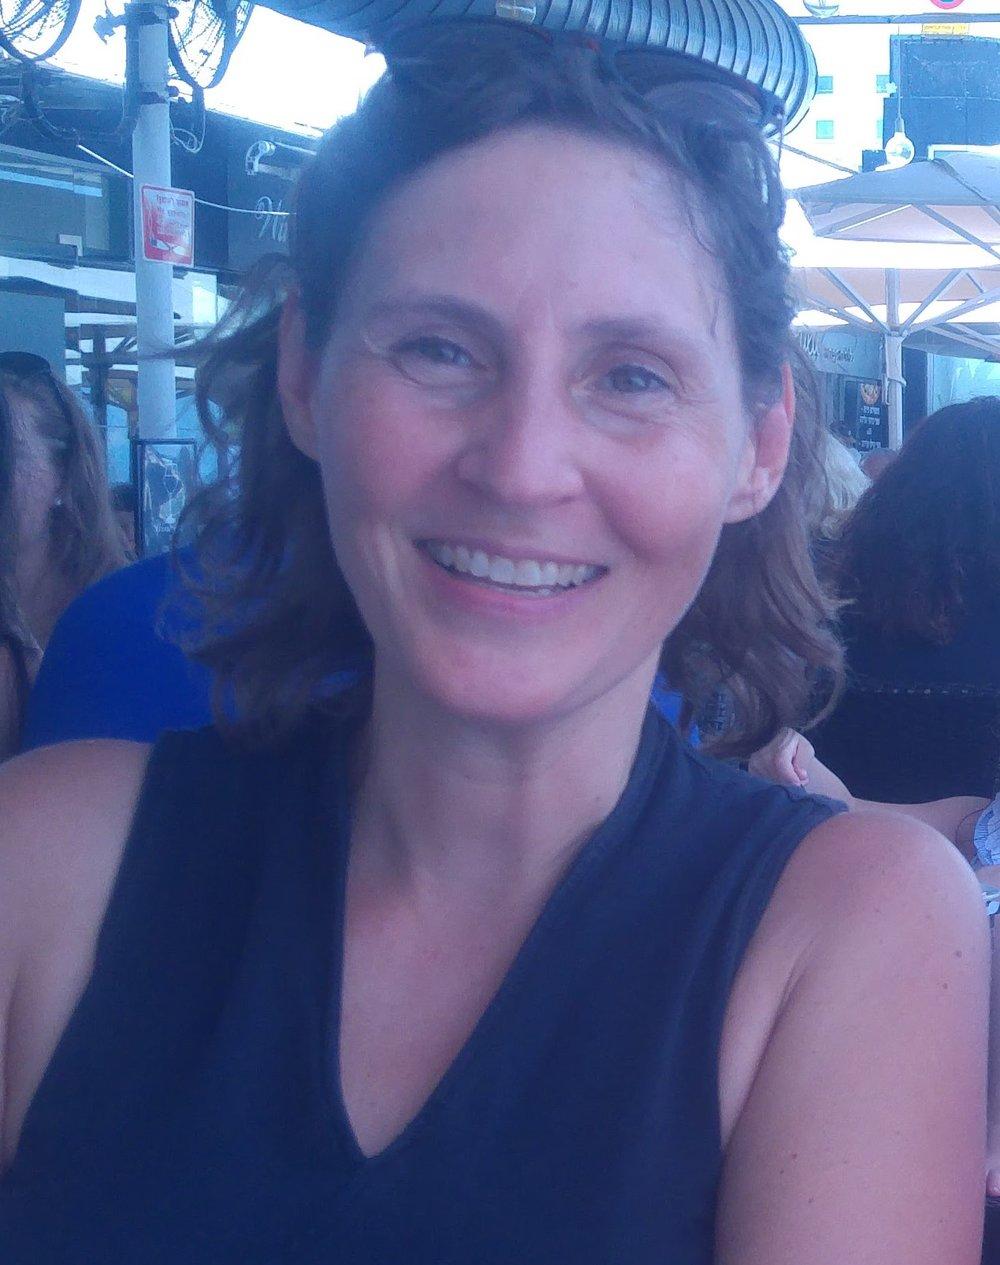 Marie-Hélène Bacon, Chercheure, Collectif de recherche écosanté sur les pesticides, les politiques publiques et les alternatives (CREPPA), Université du Québec à Montréal